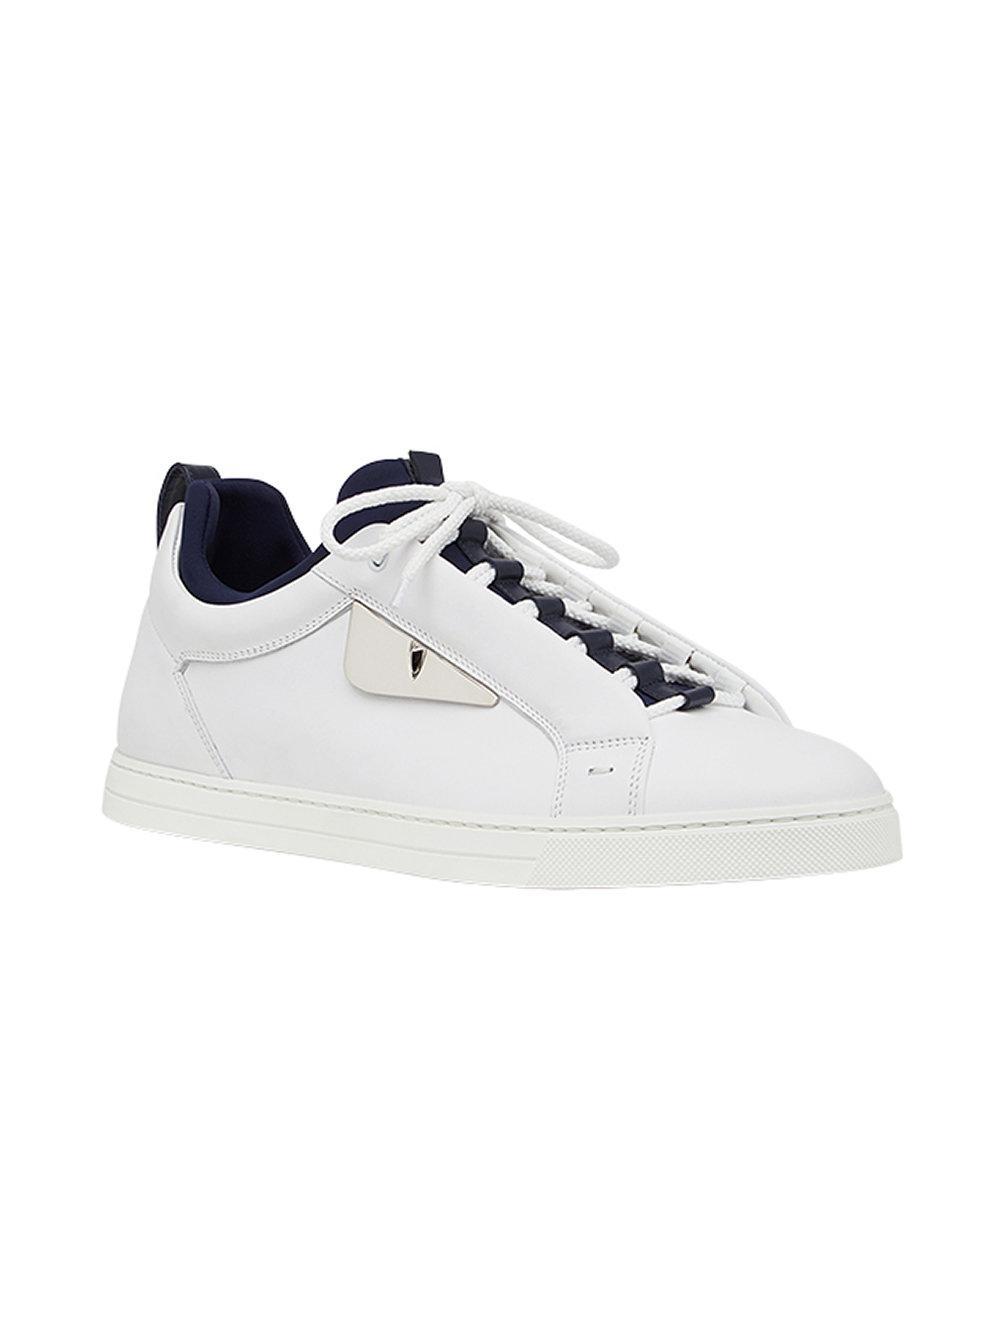 Zapatillas Bag Bugs Fendi de Cuero de color Blanco para hombre